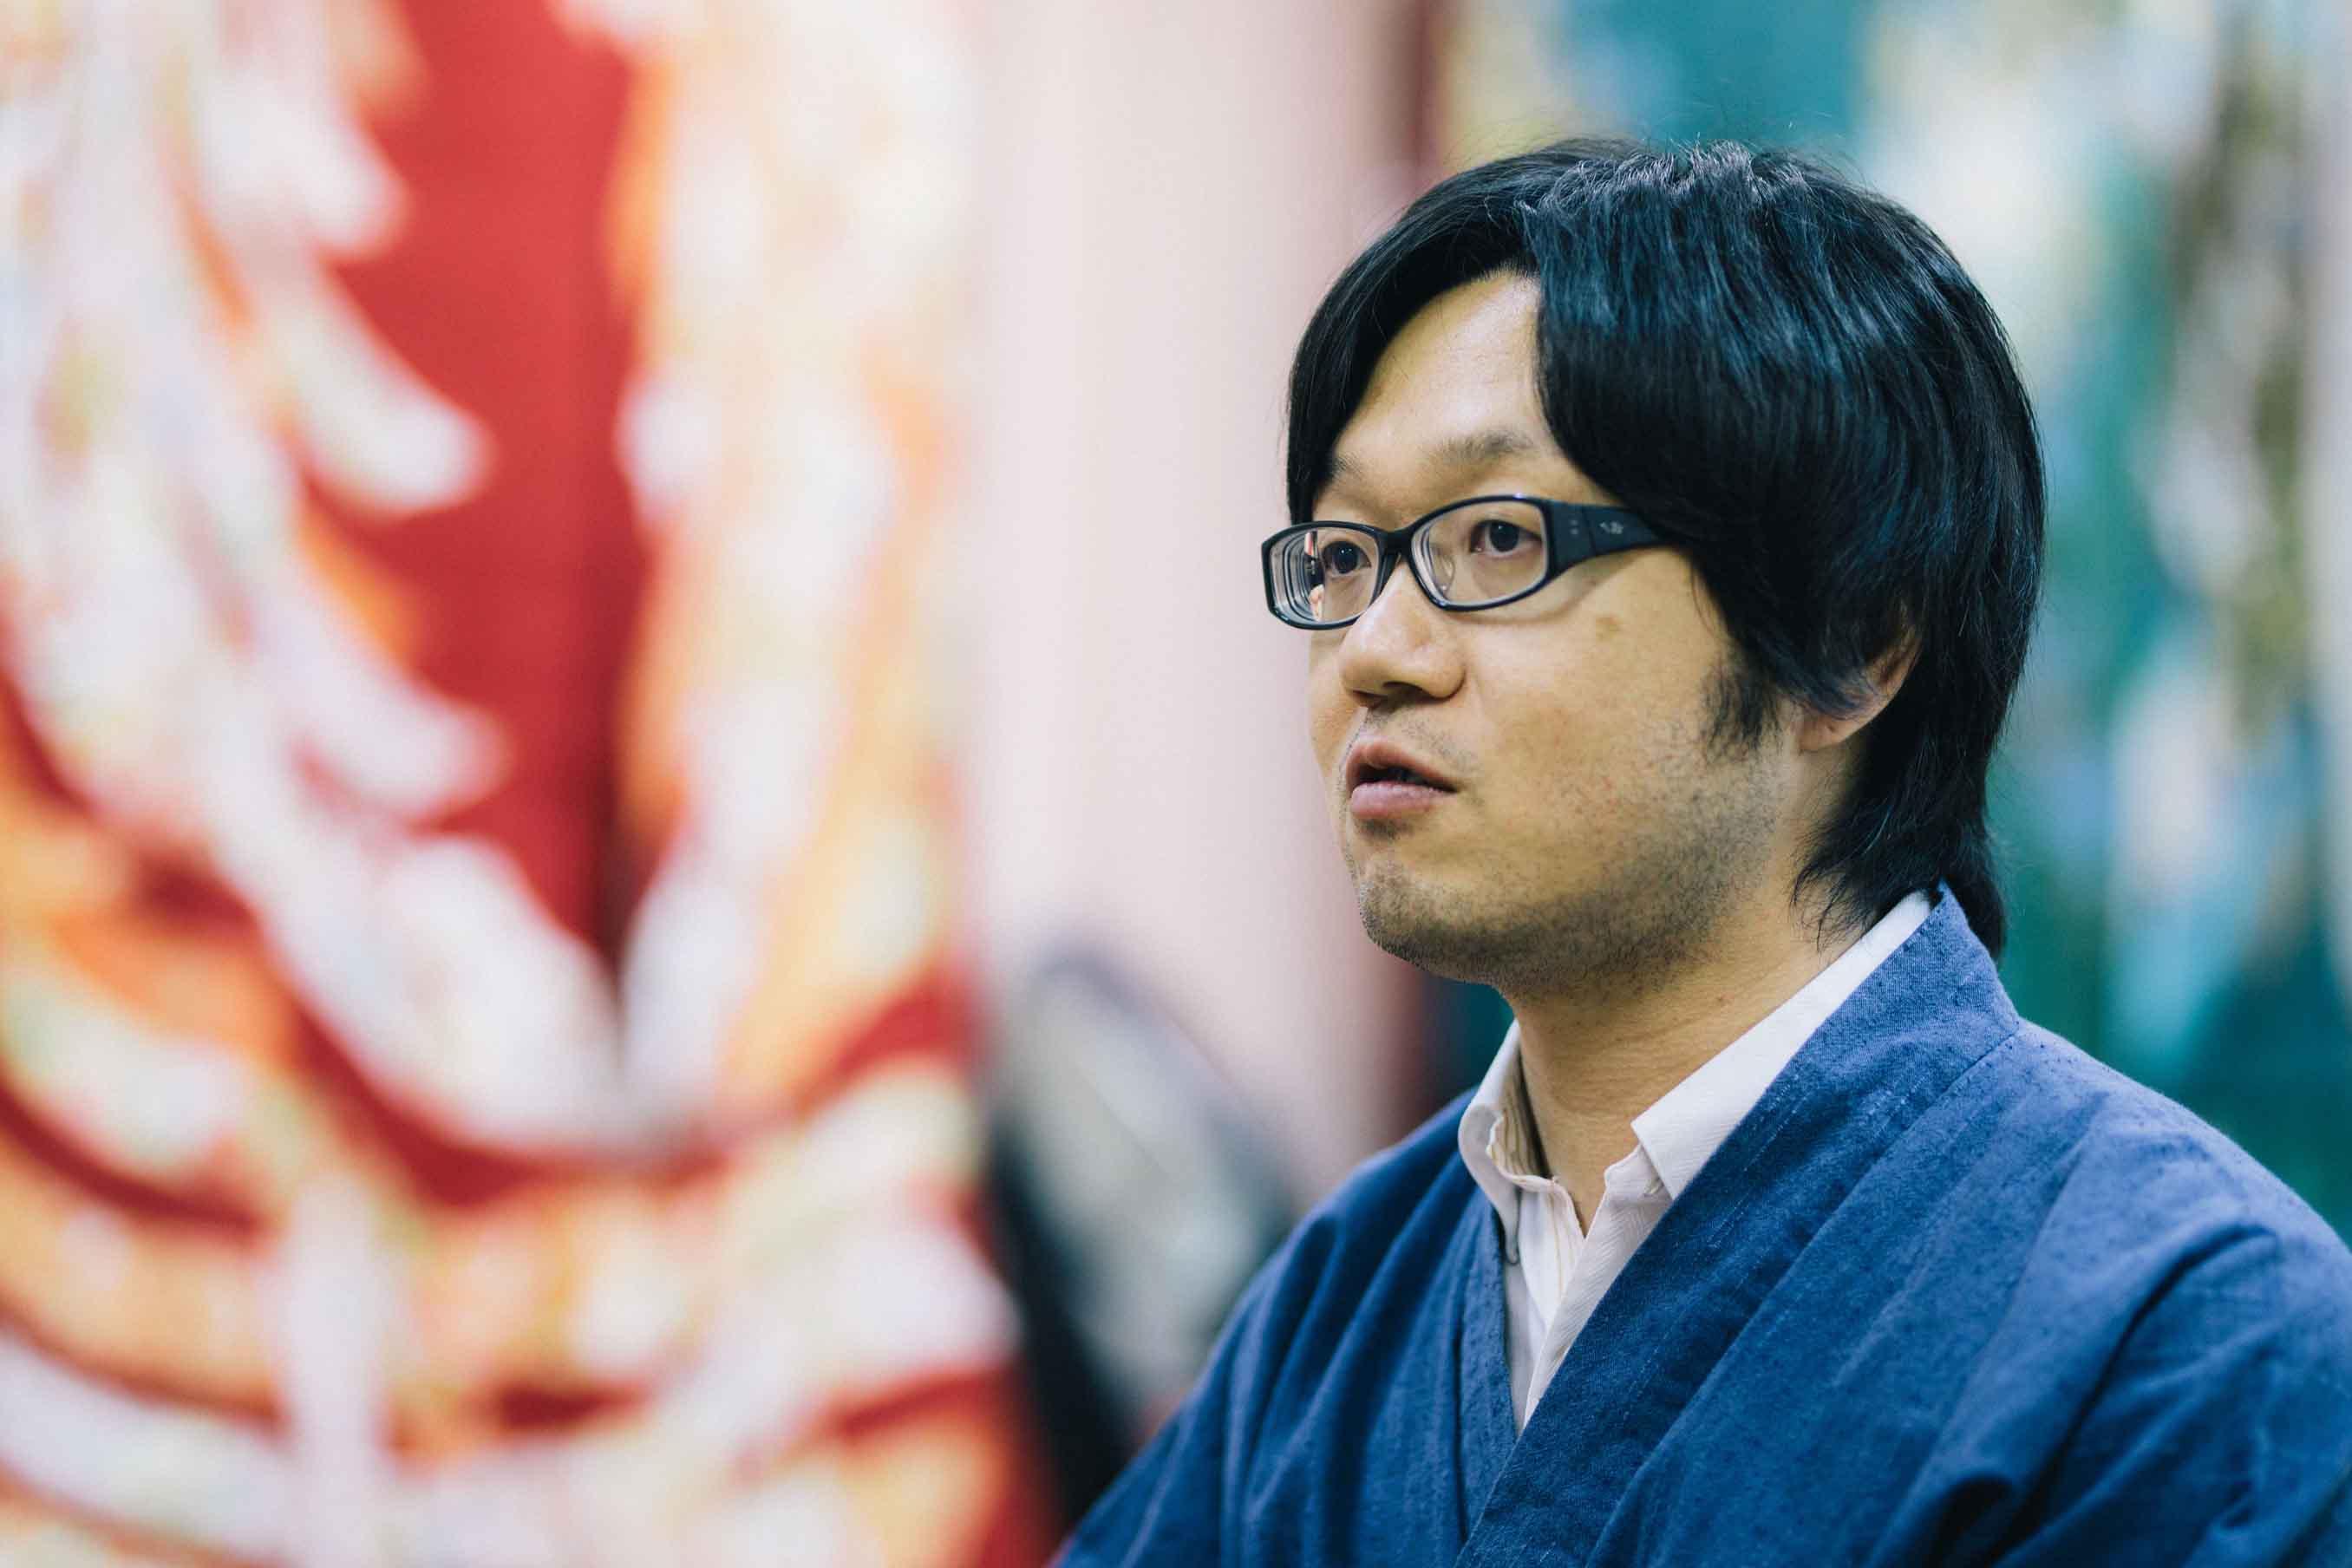 株式会社はぶき常務取締役の富澤和也さん